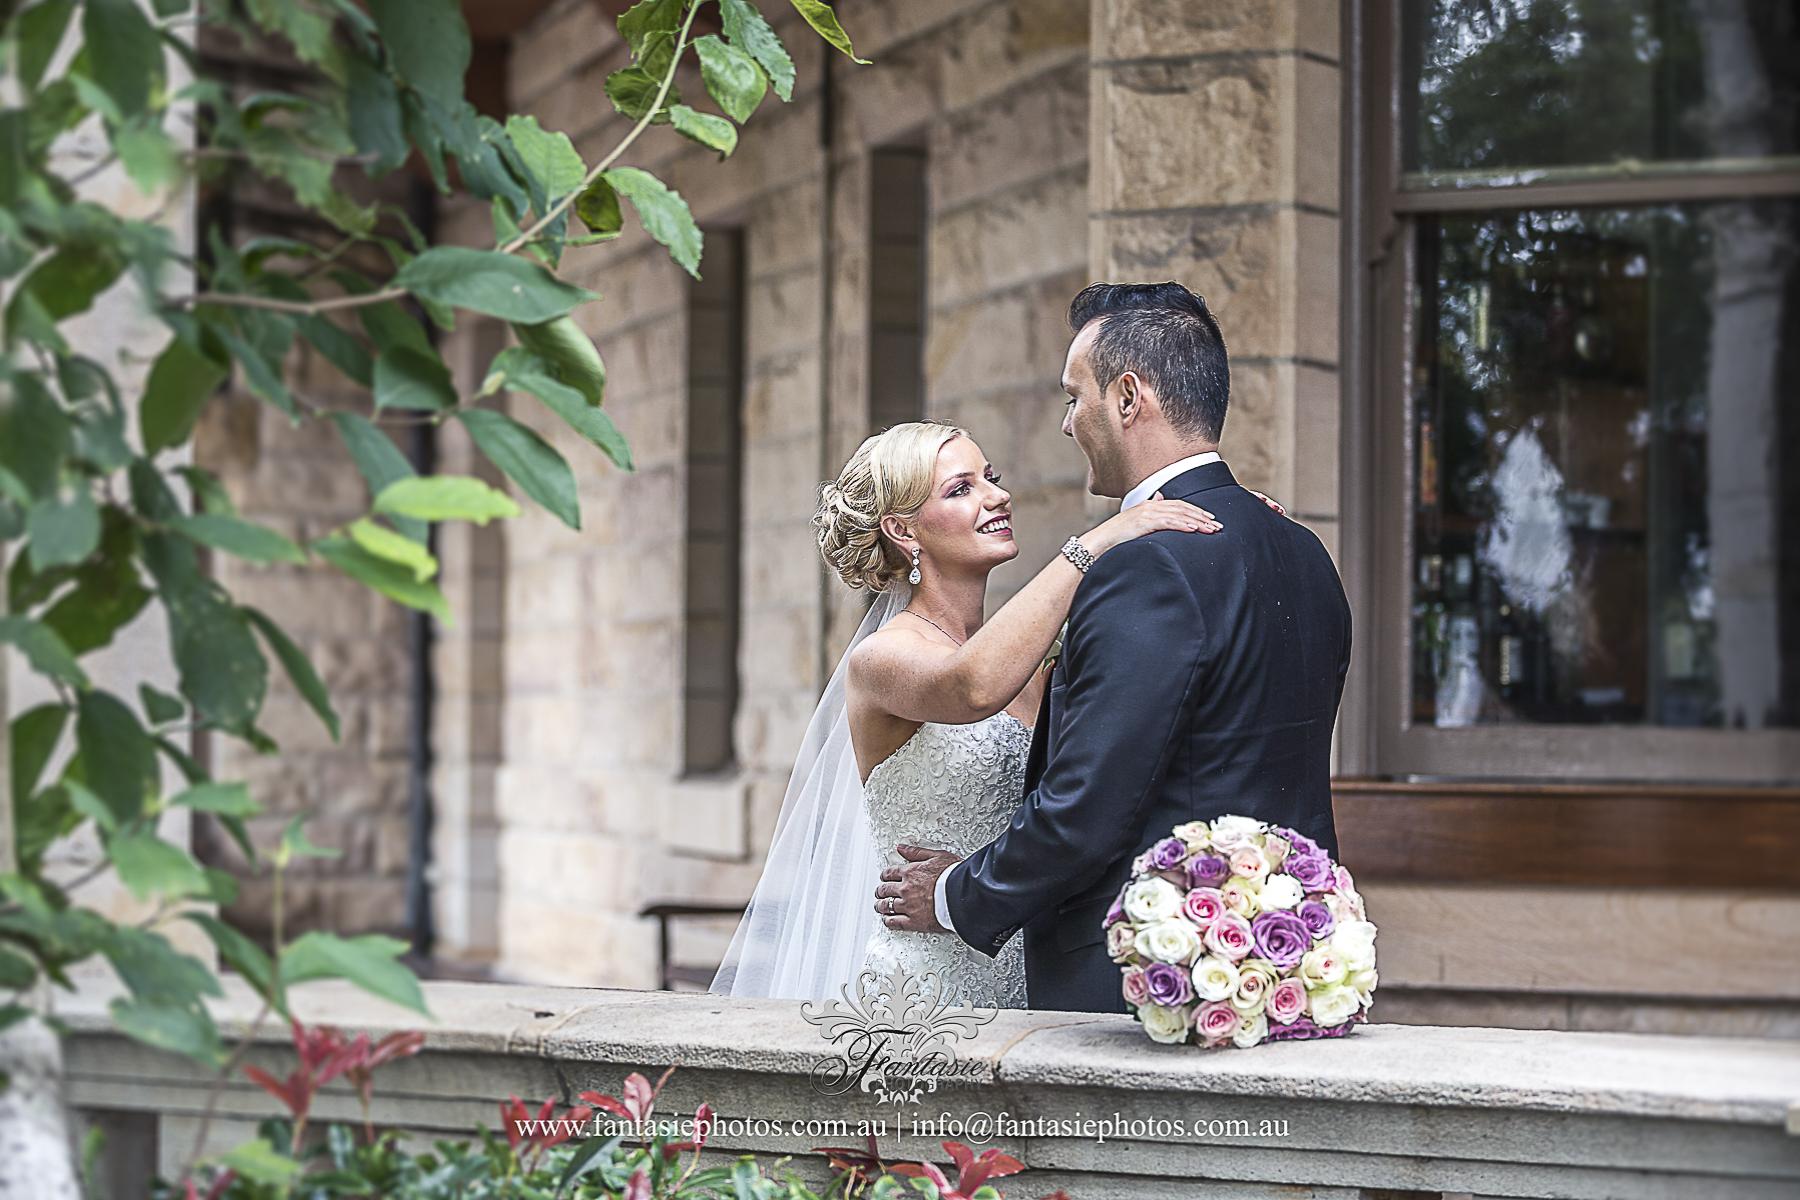 Wedding Reception Venue | Fantasie Photography